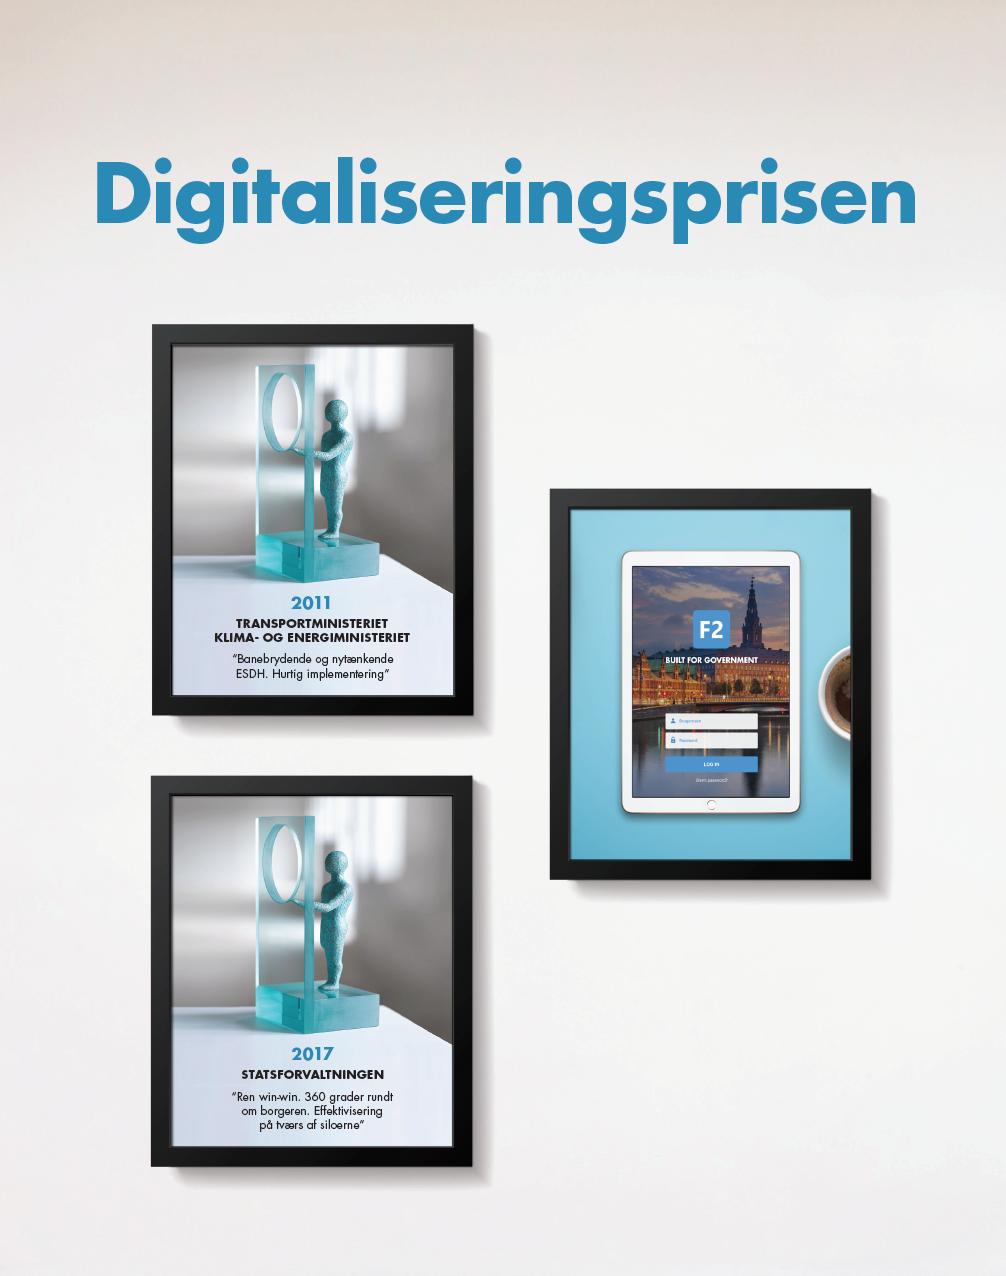 Digitaliseringsprisen